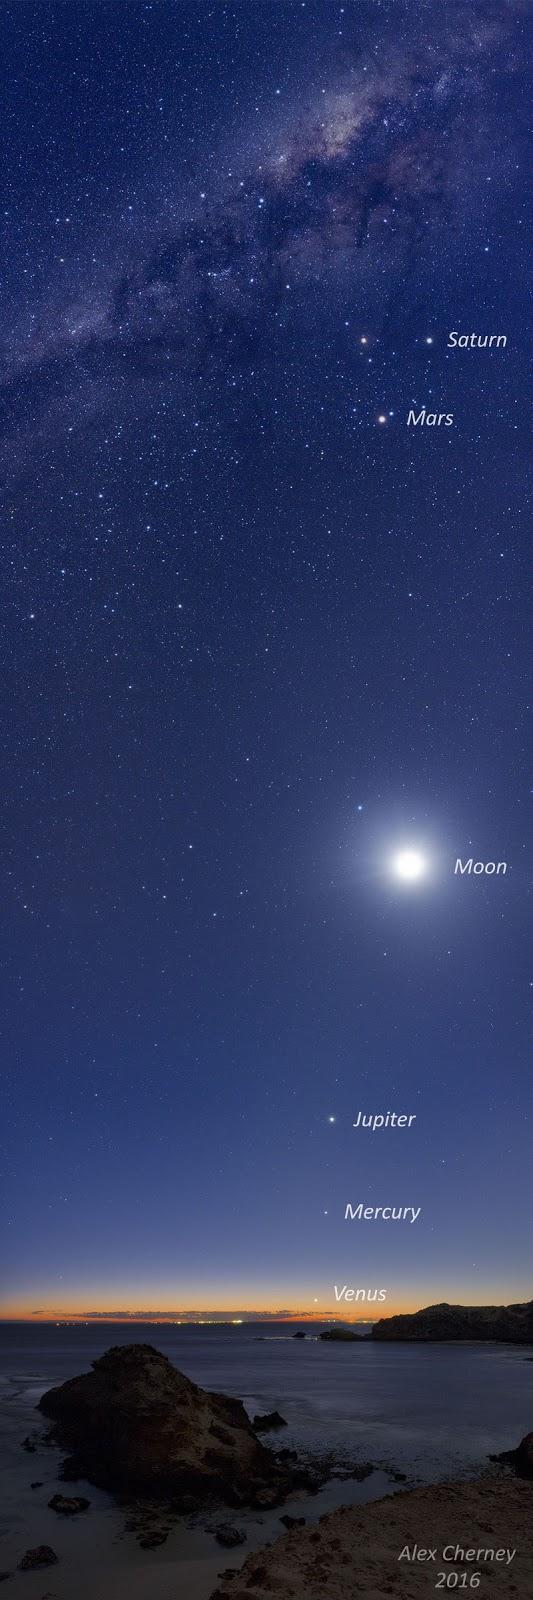 Năm hành tinh và Mặt Trăng trên bầu trời Úc. Tác giả: Alex Cherney (Terrastro, TWAN).